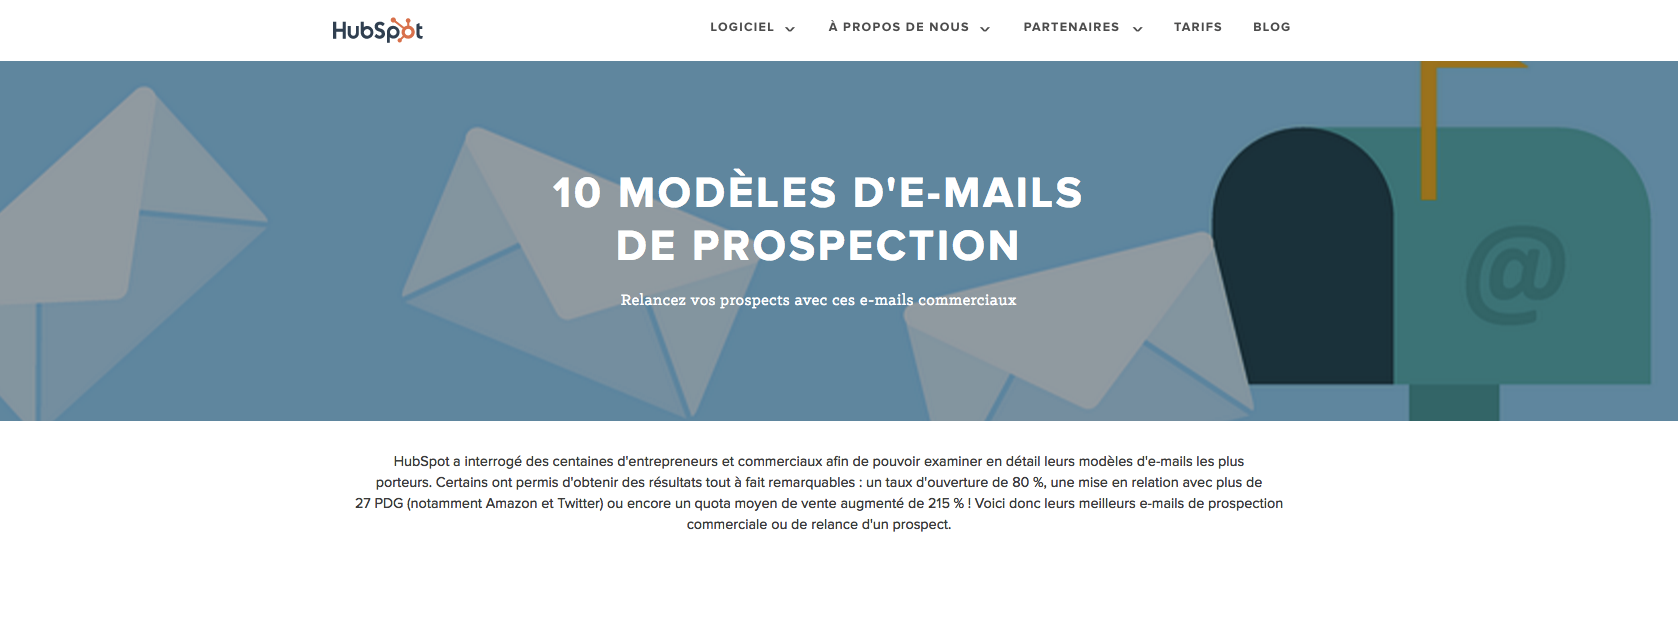 10 Modèles d'e-mails pour relancer vos prospects